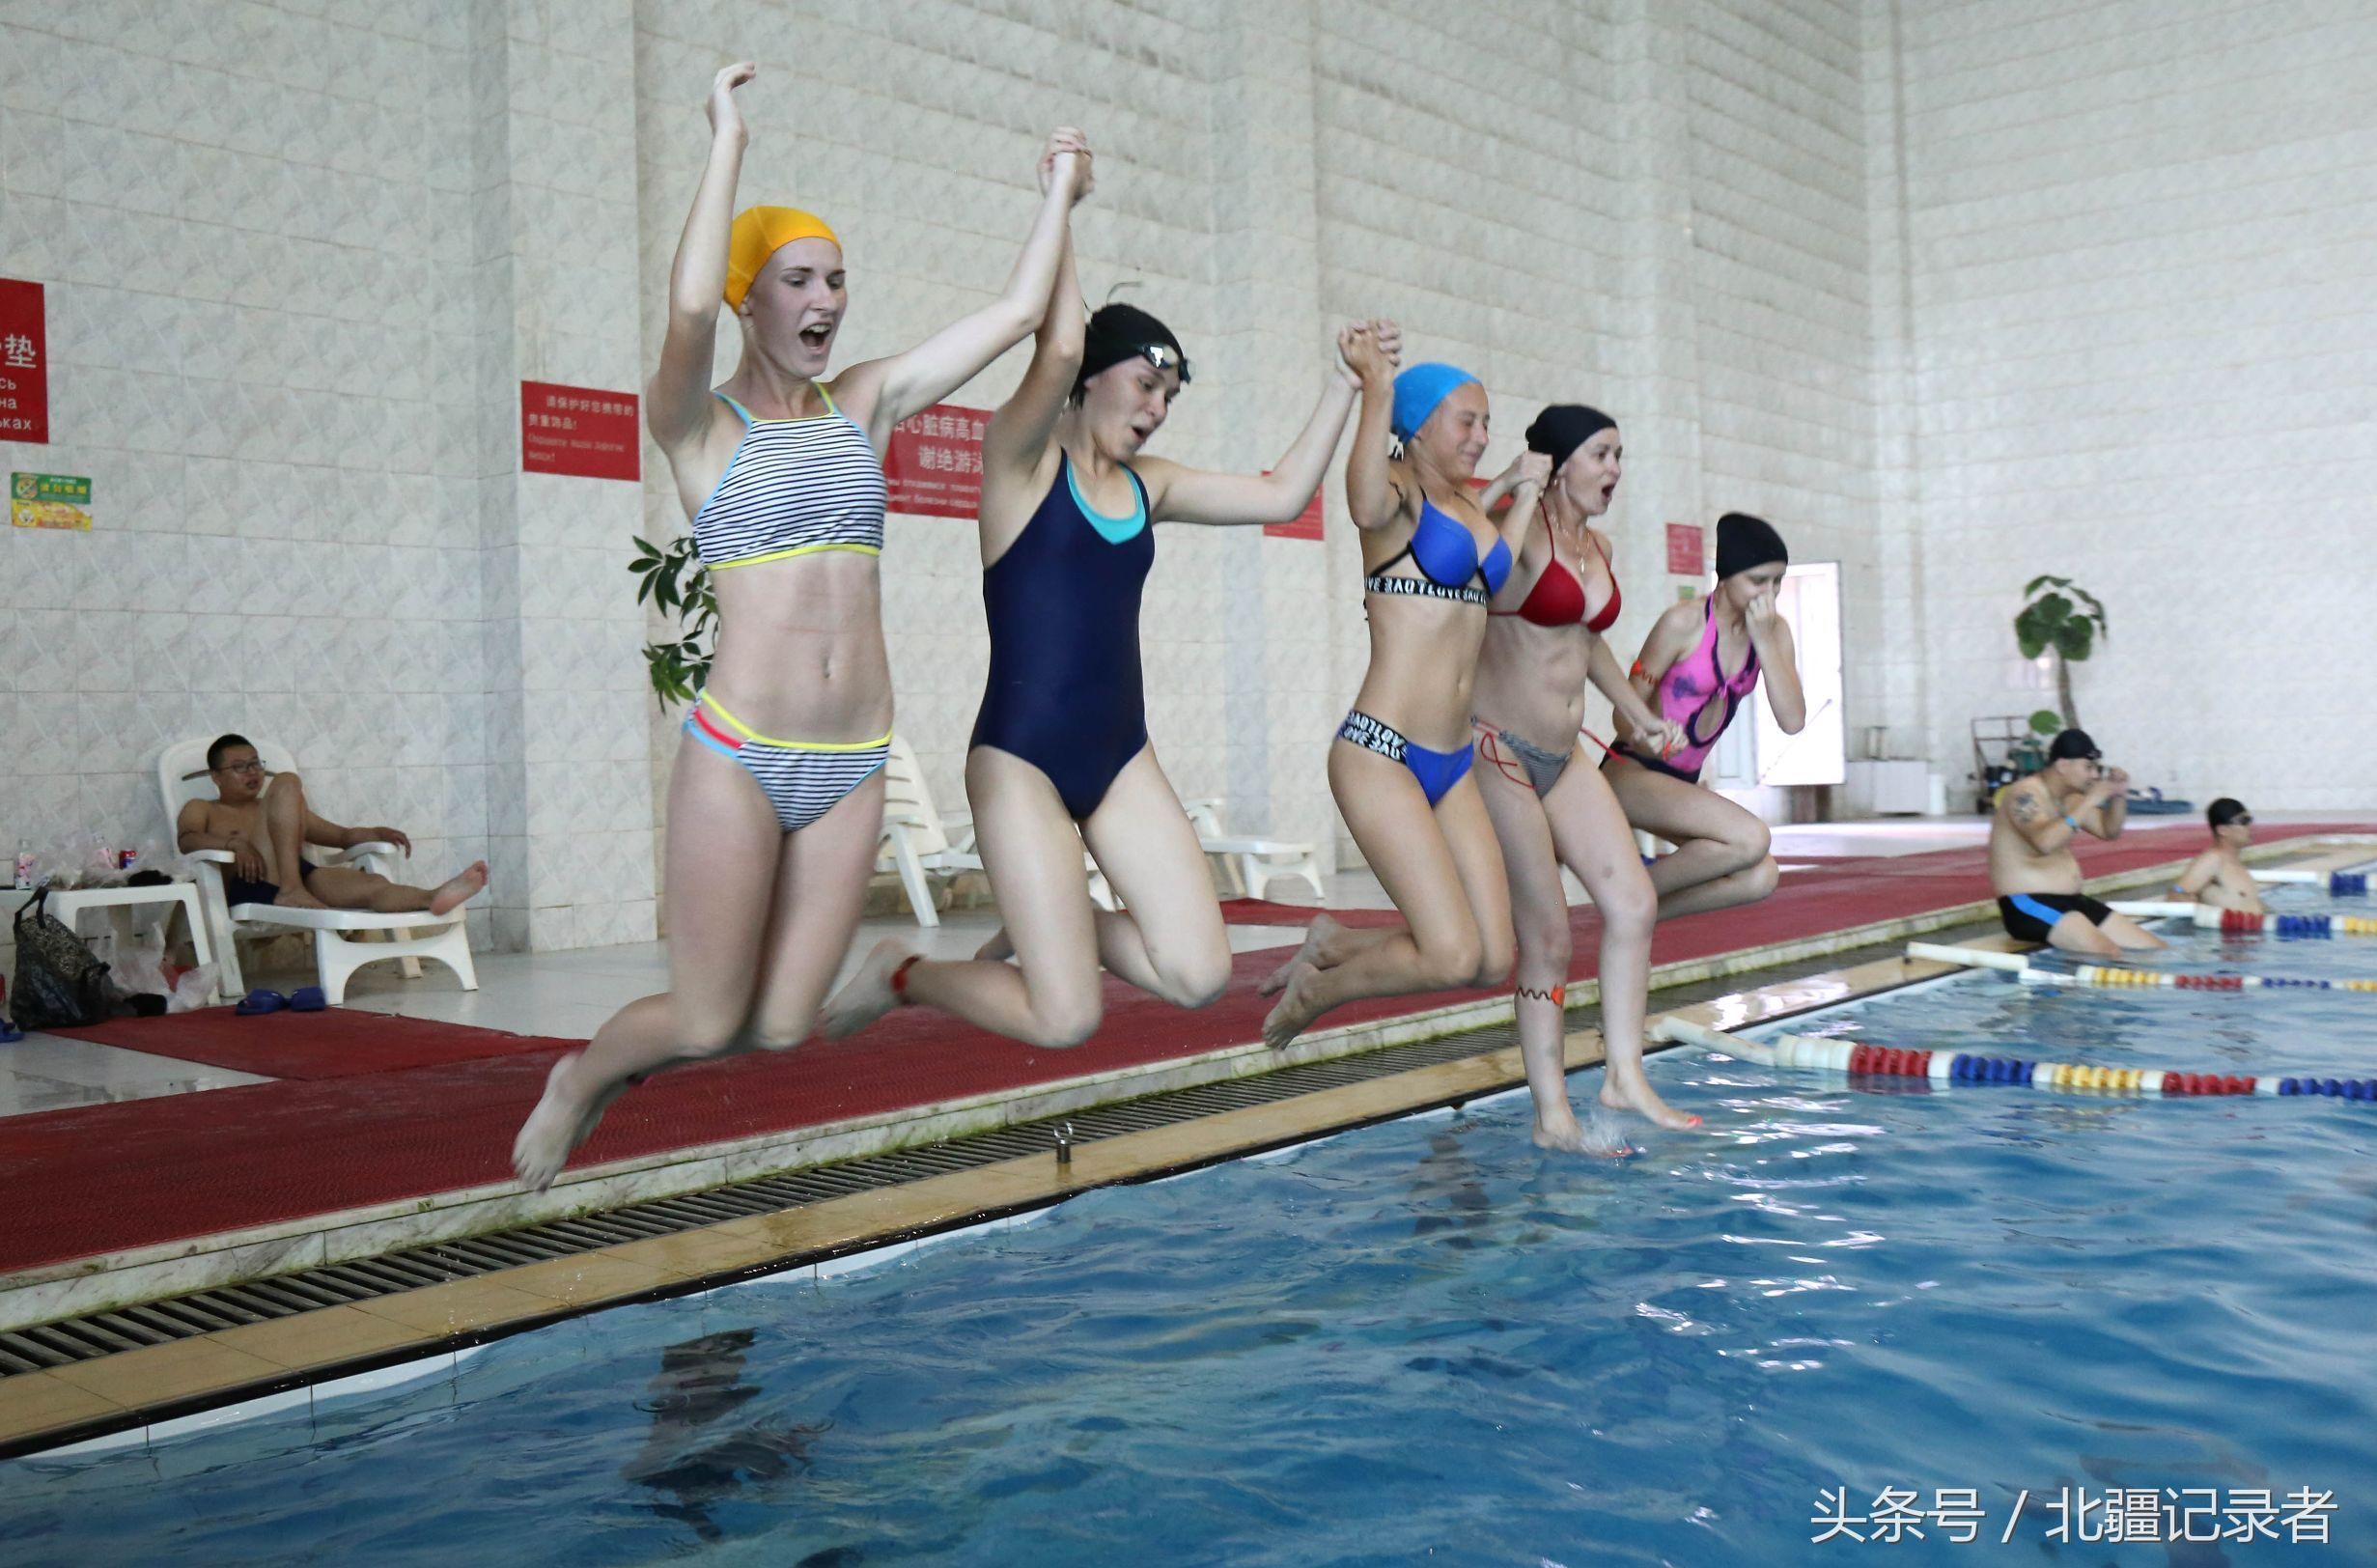 俄罗斯美女游泳时,发现有中国烟民在抽烟,她们非常不能理解……